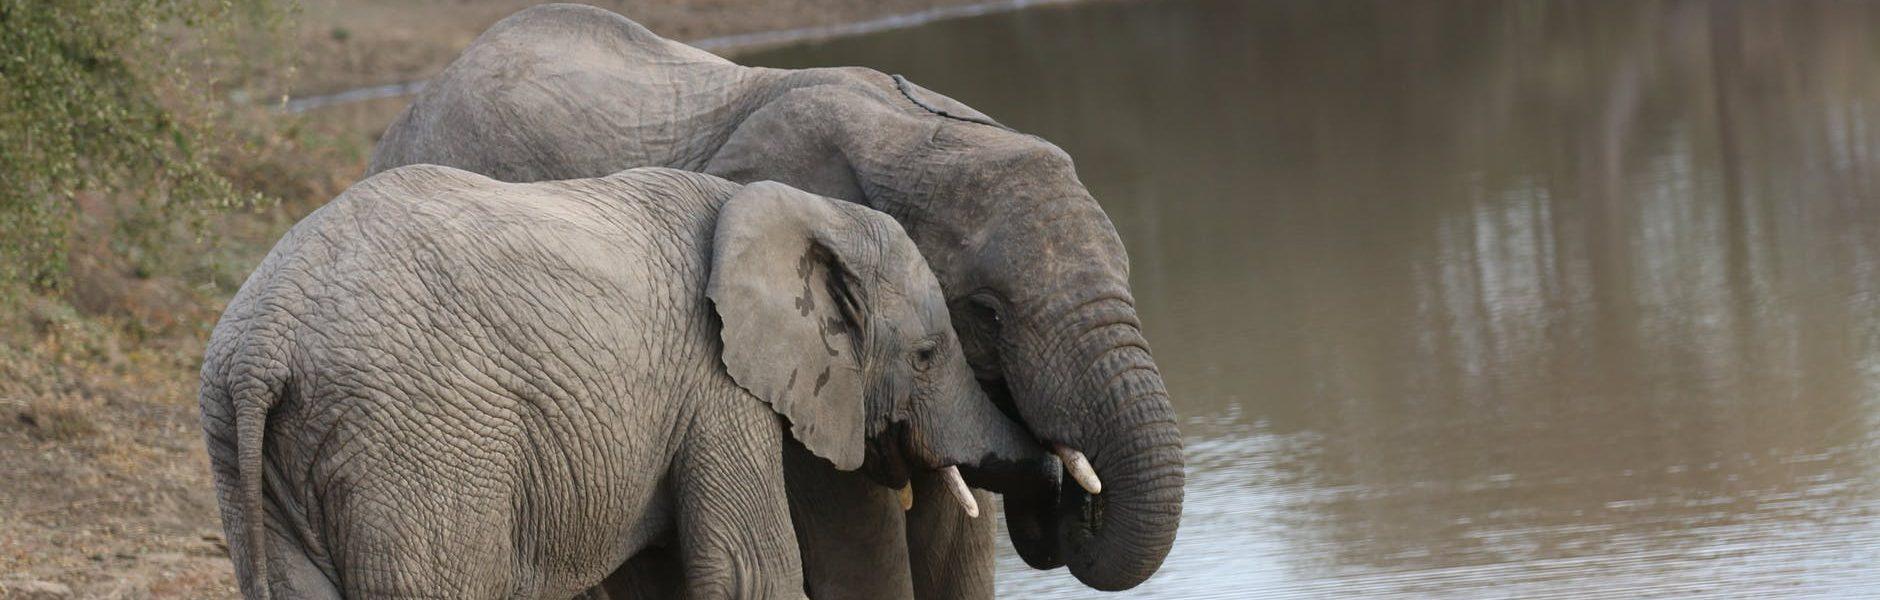 słoń leśny